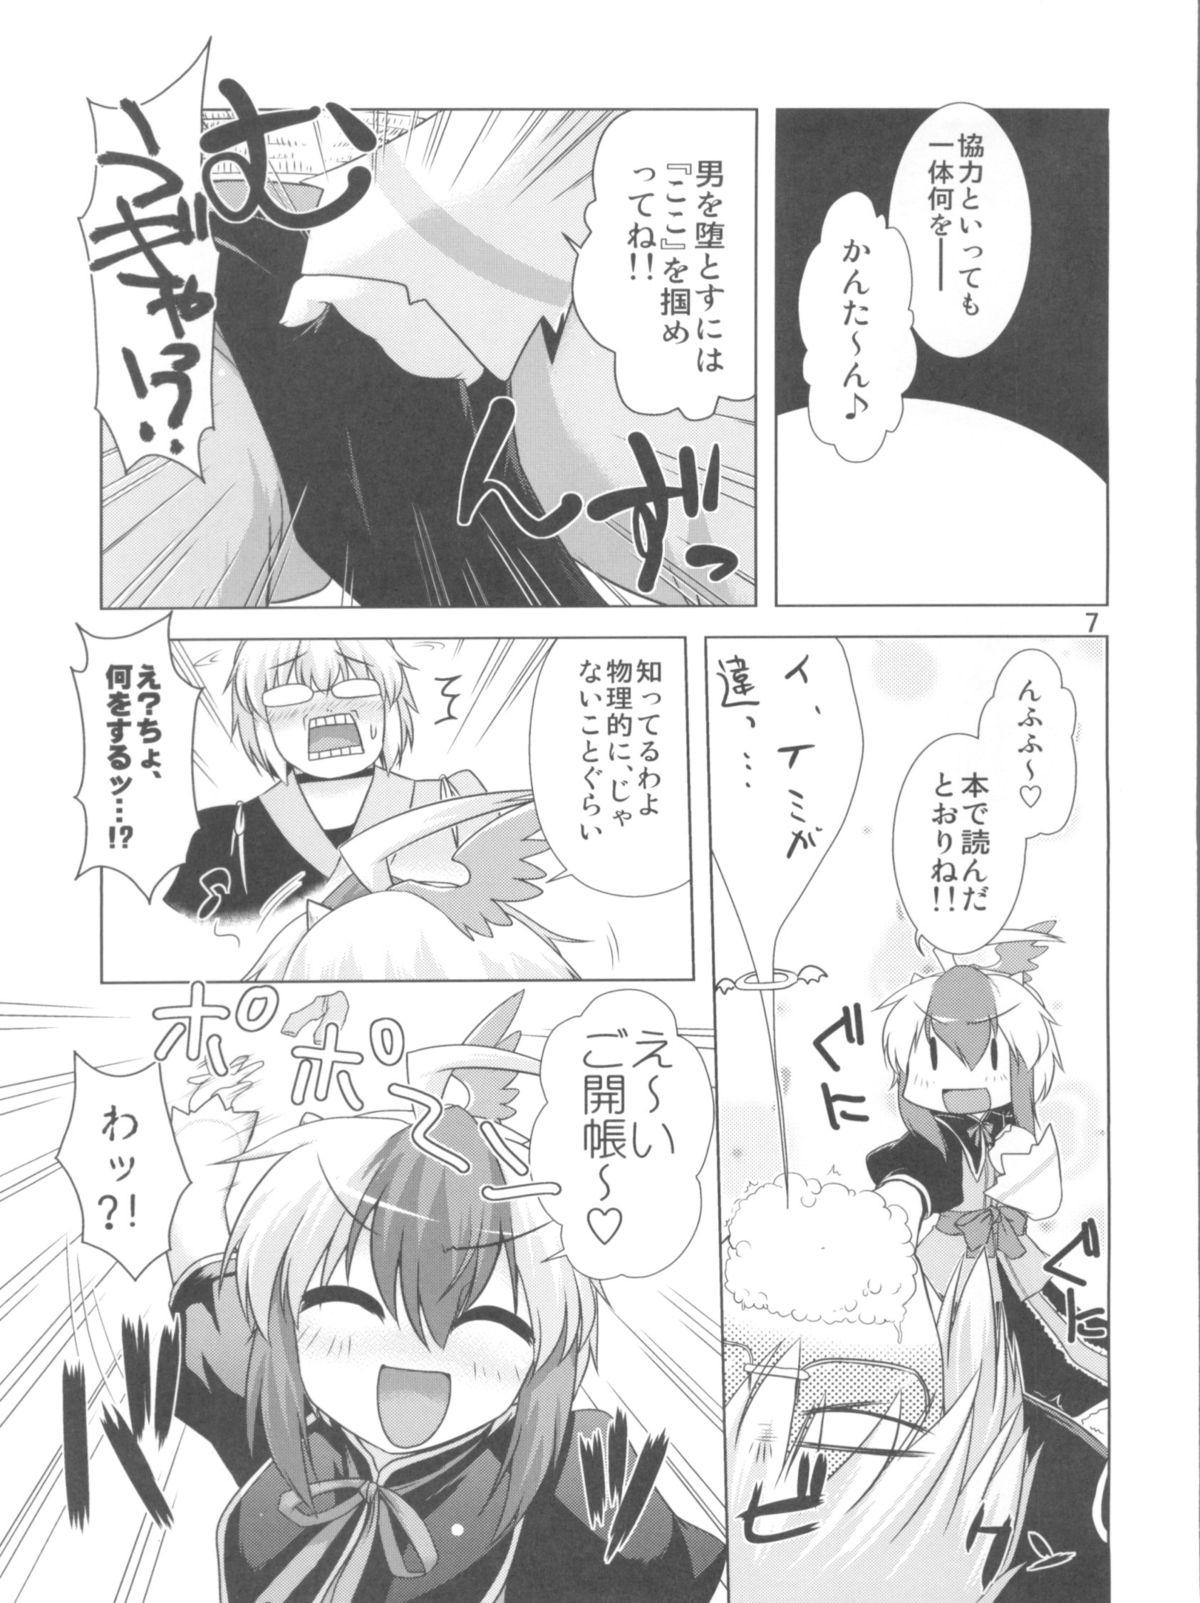 Namonaki Ai no Uta Nanashi Honyomi Youkai Hen 6